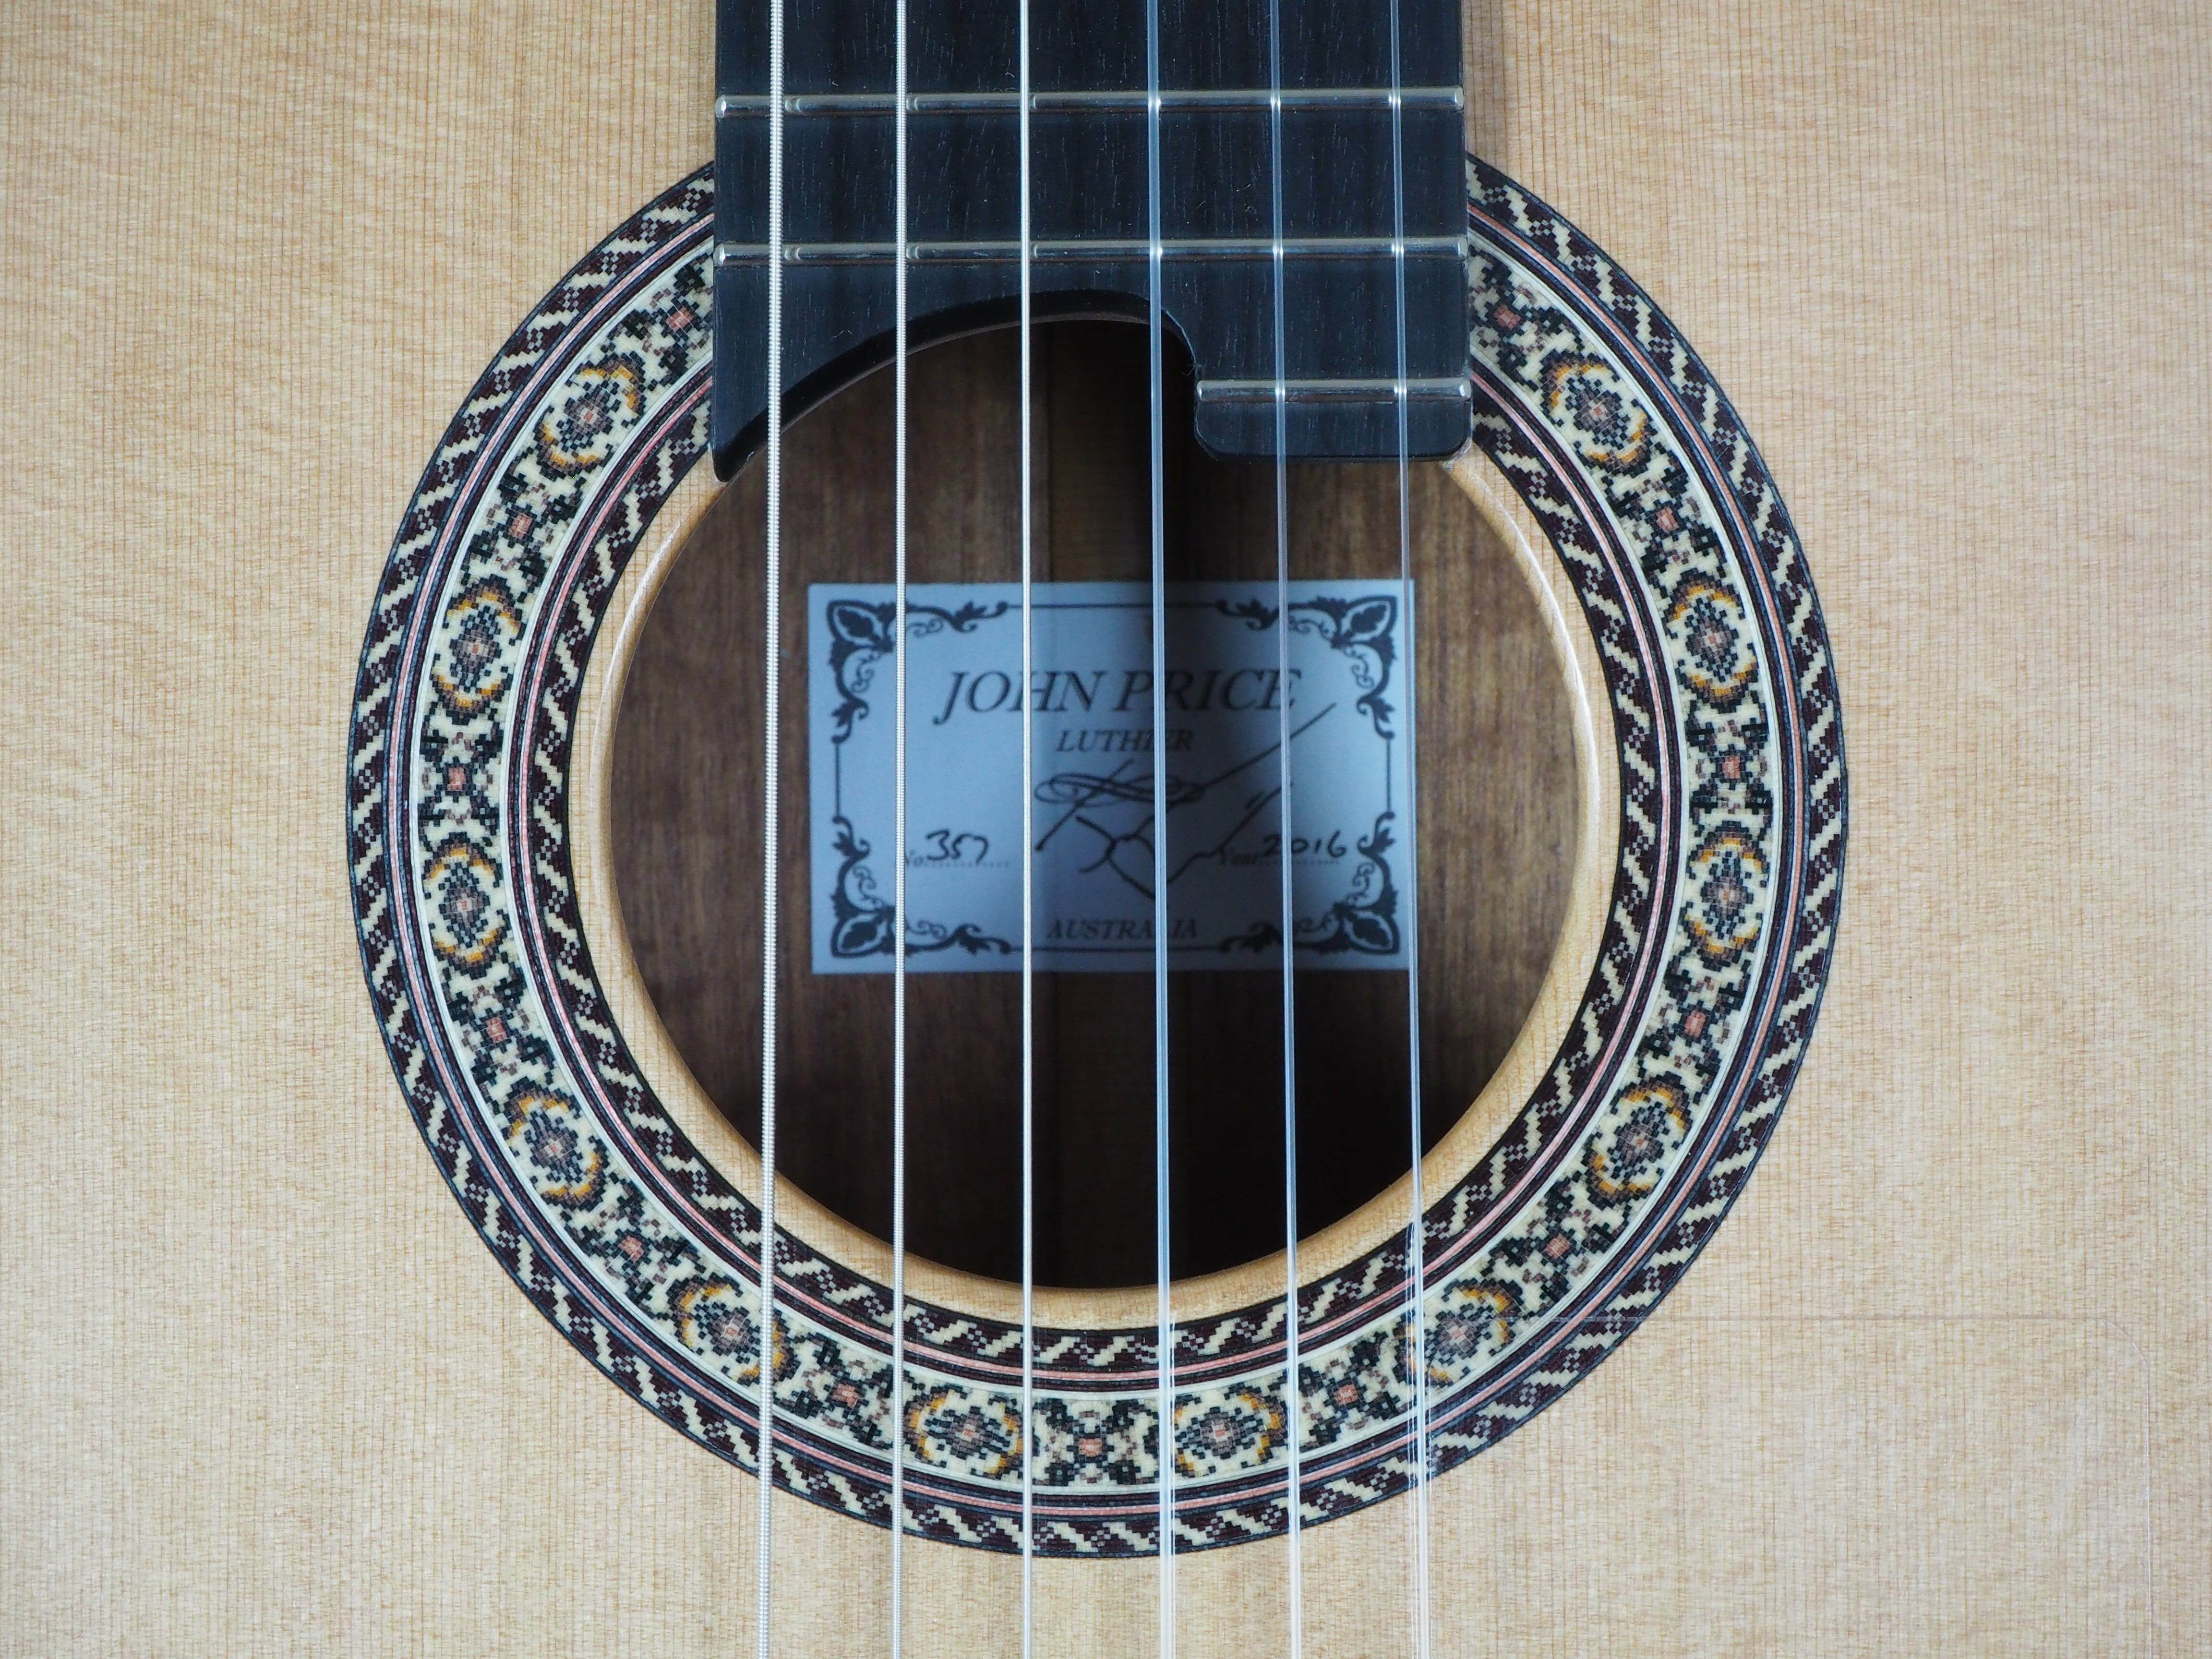 John Price guitare classique luthier lattice